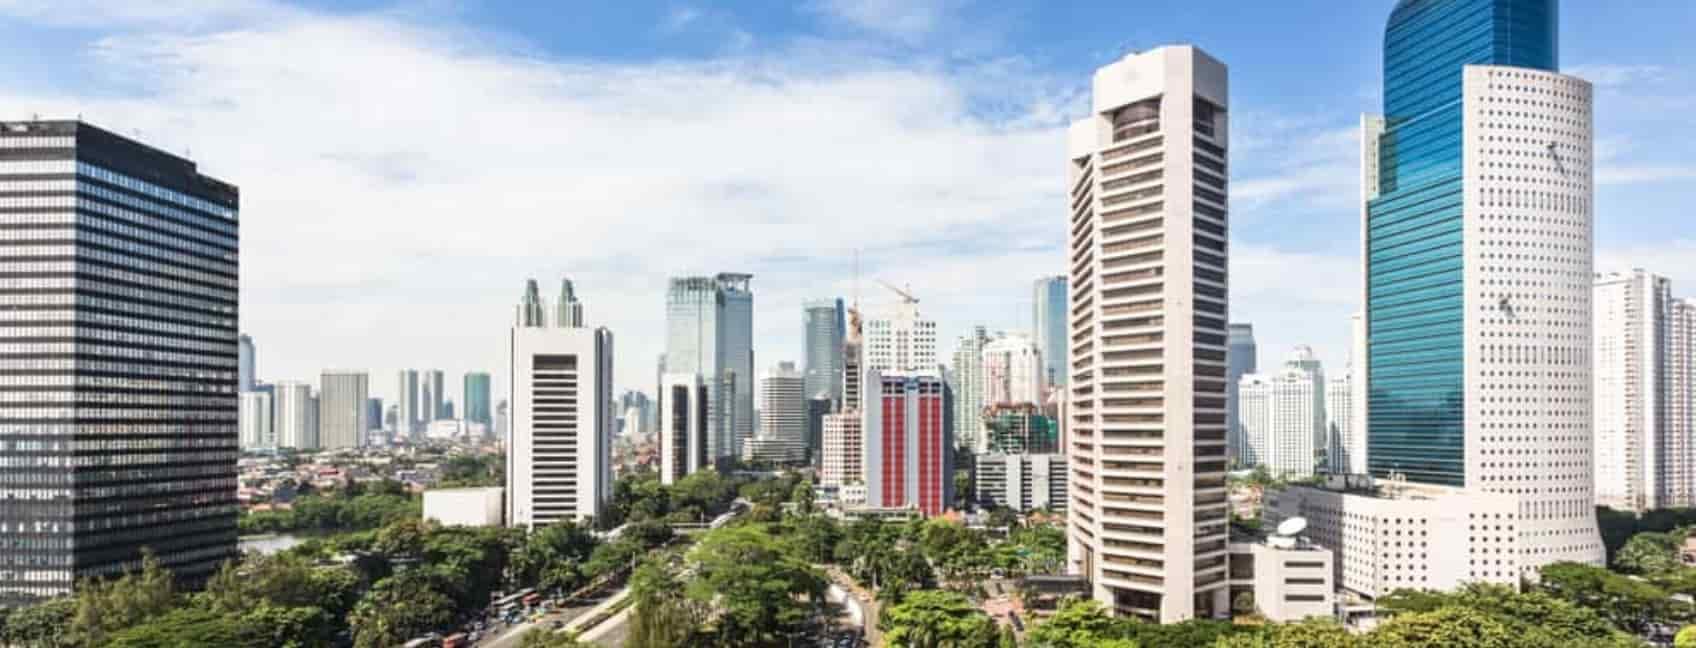 Jalan Sudirman ジャカルタのJalan Sudirman沿いのビジネス地区。